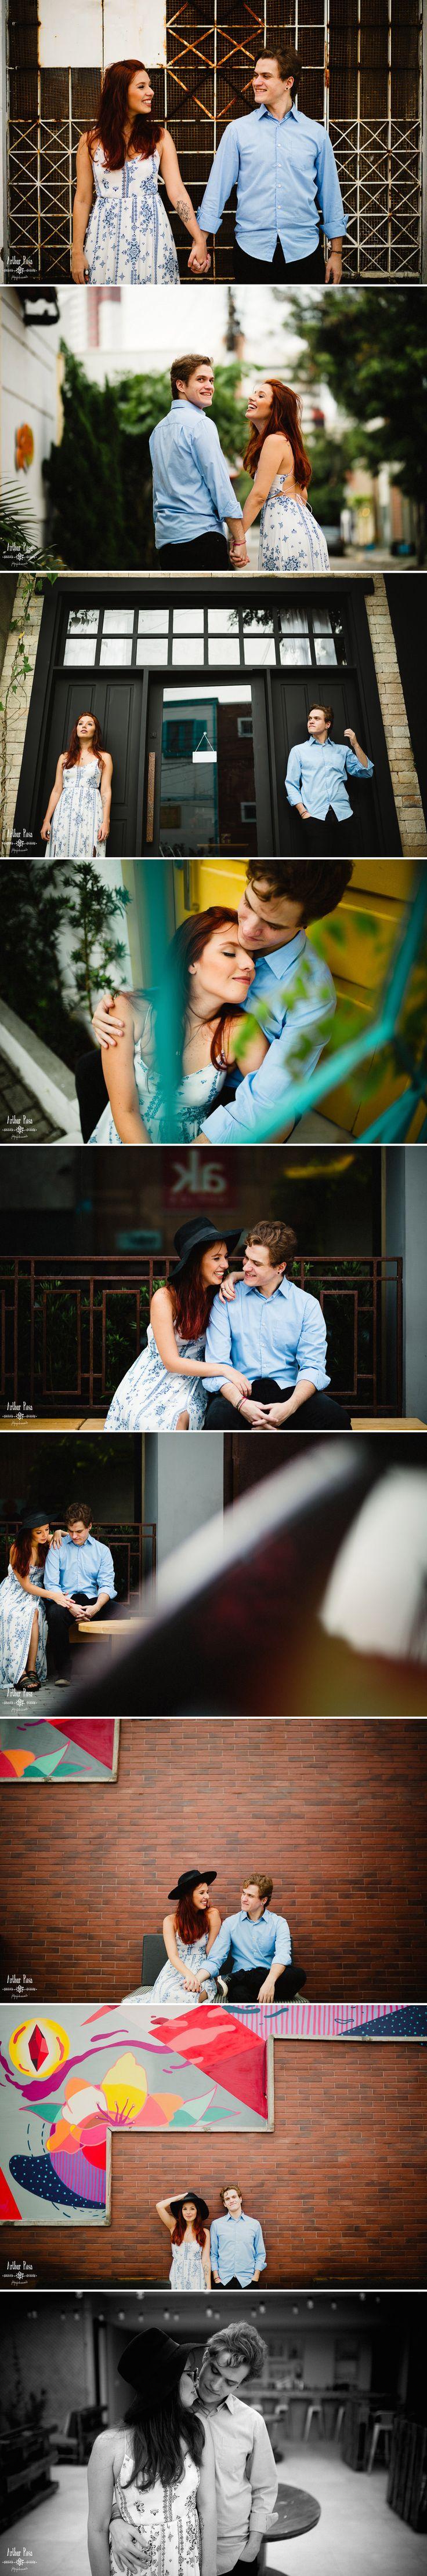 Inspiração sessão de casal pré-casamento. Fotos de casal na cidade. Looks para fotos alternativas.